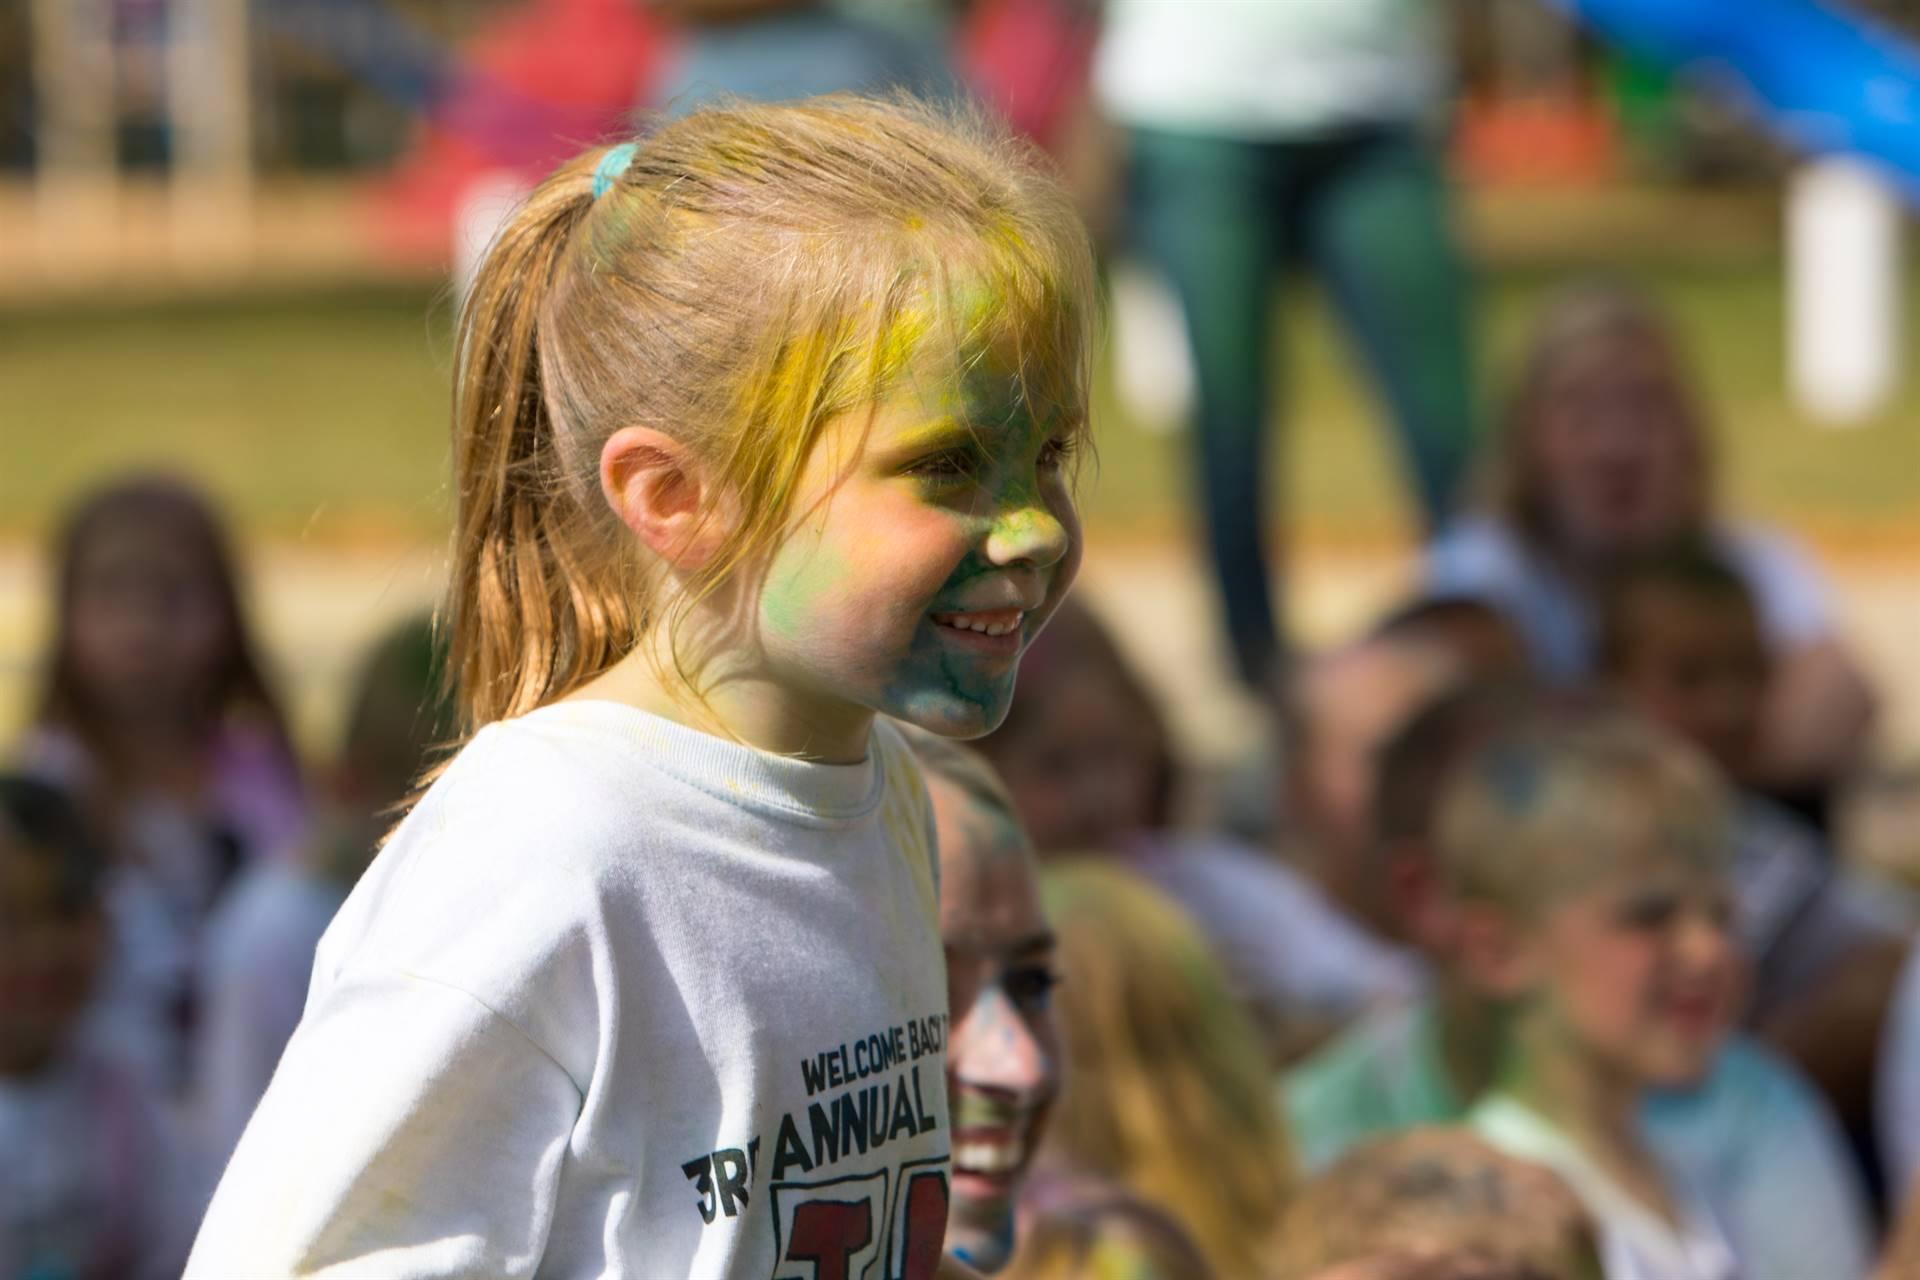 Girl 1 at color run